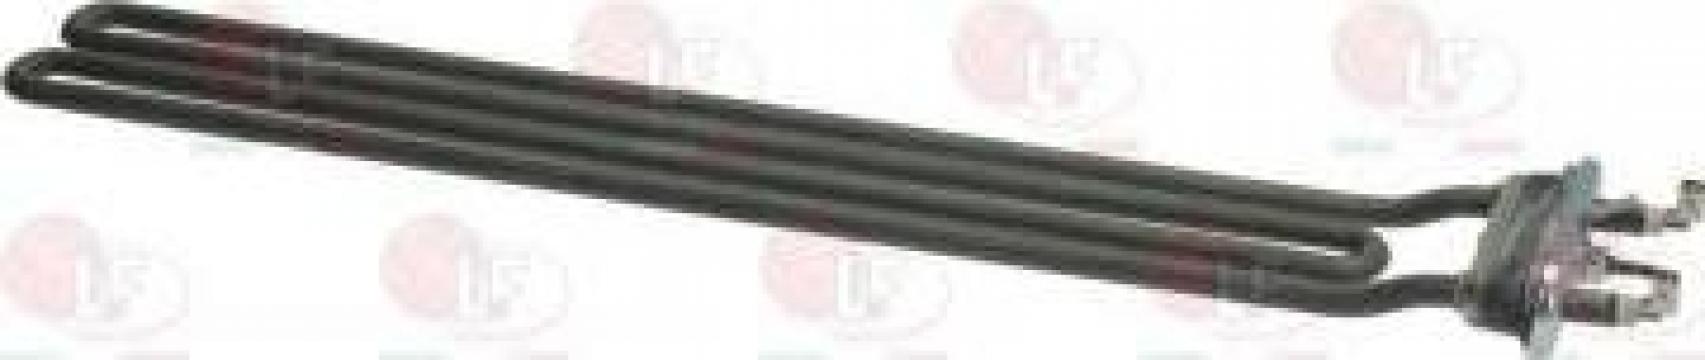 Rezistenta incalzire pt. masini de spalat 3755012 de la Ecoserv Grup Srl